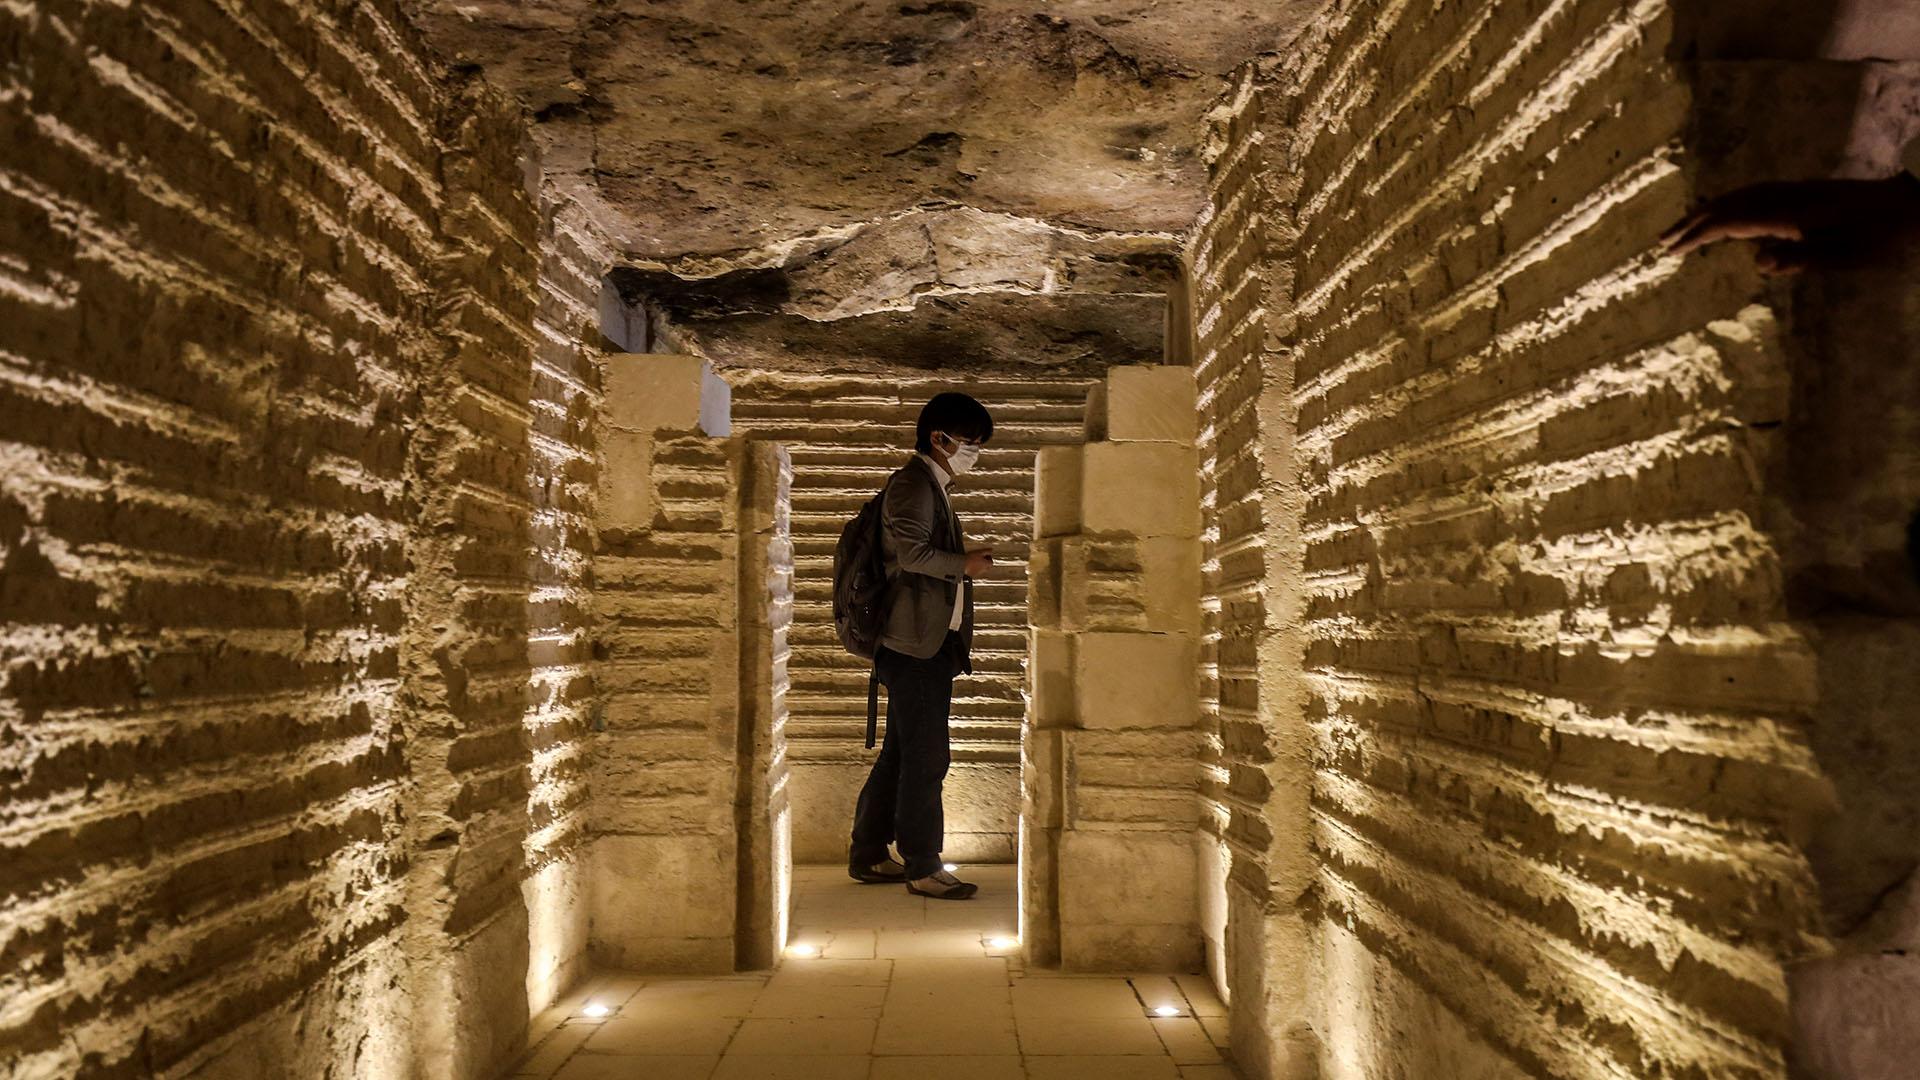 La estructura de 4.700 años de antigüedad se encuentra al sur de El Cairo, en la antigua capital de Memphis, declarada Patrimonio de la Humanidad por la UNESCO, que alberga algunos de los monumentos más fascinantes de Egipto (AFP)